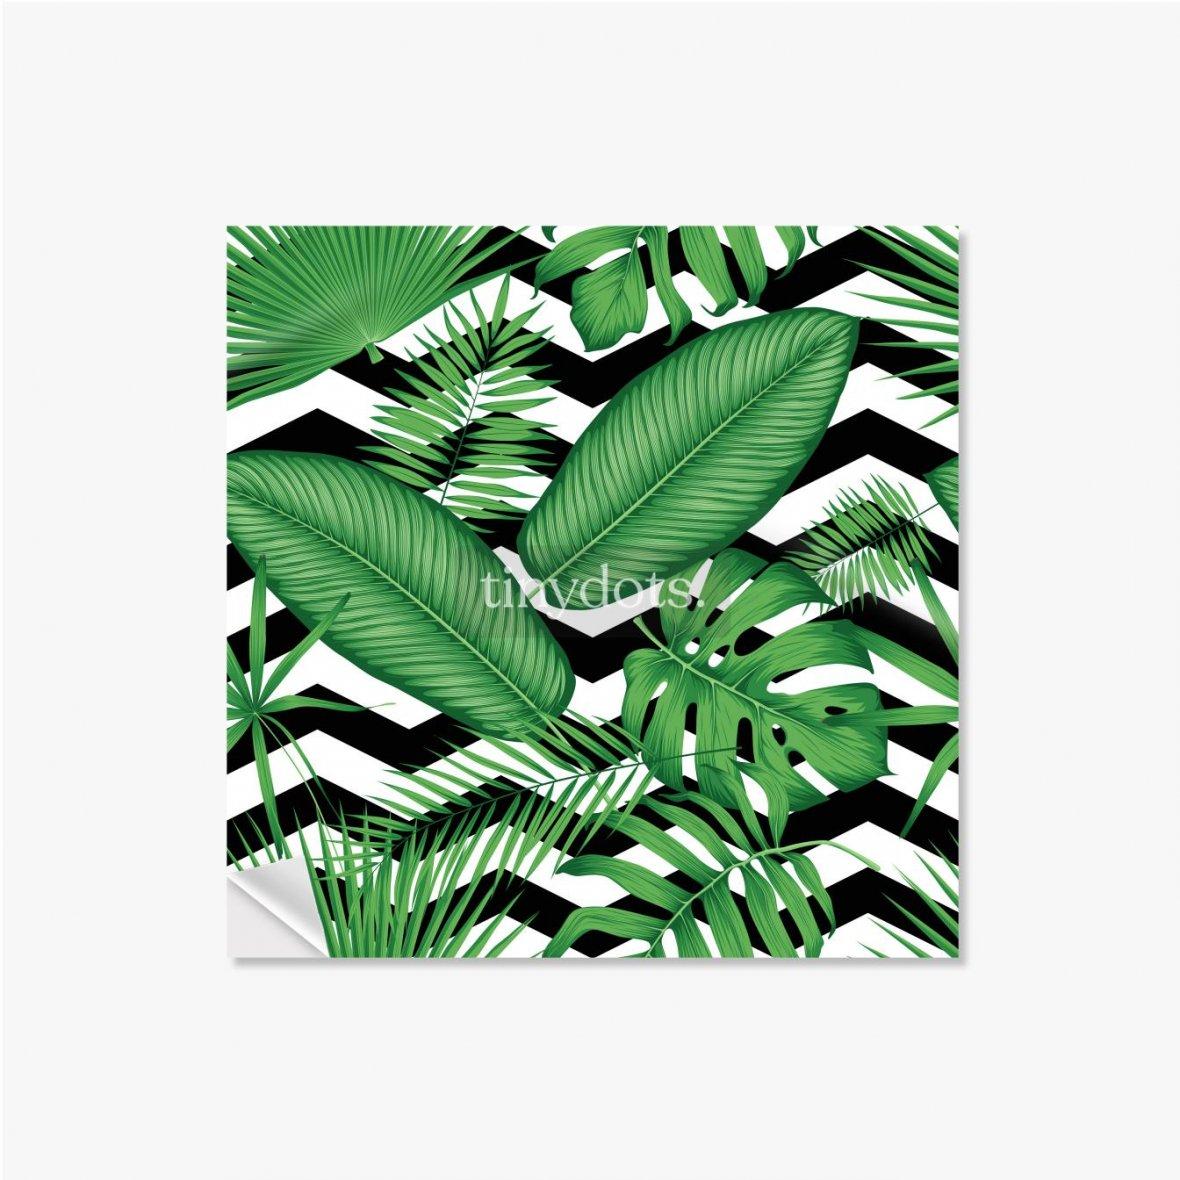 Selbstklebende Poster Schönes Blumenmuster, tropische Dschungelblätter auf einem geometrischen Hintergrund